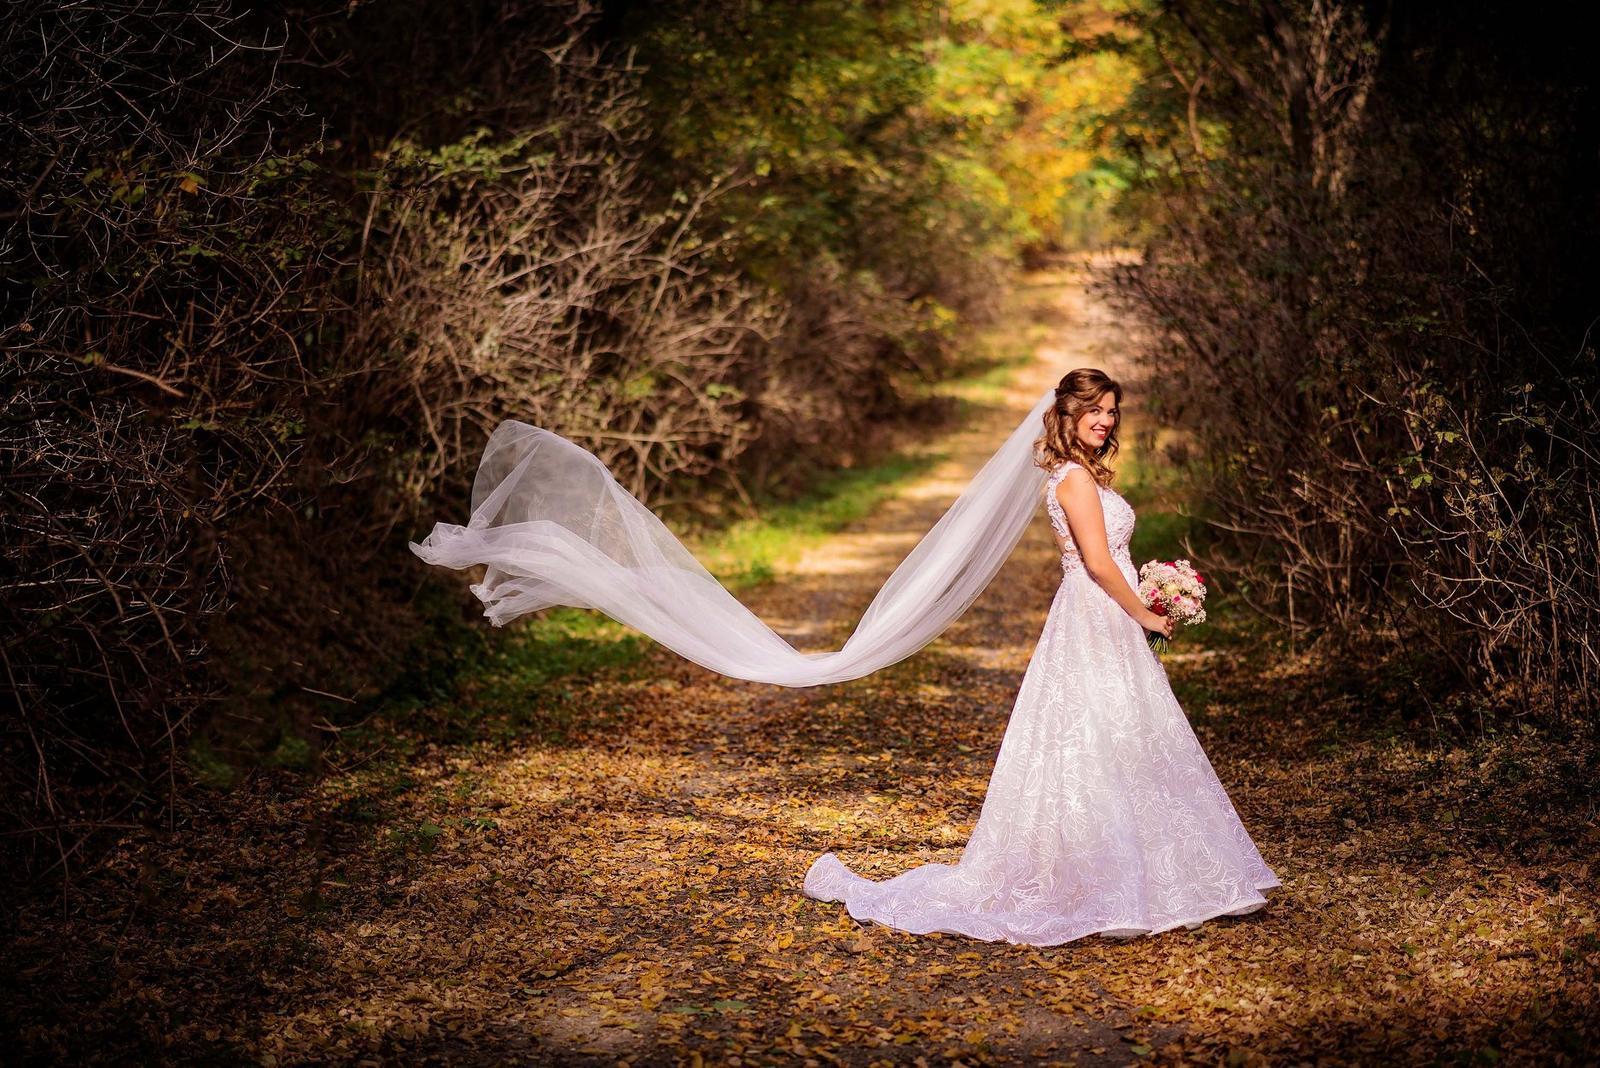 Moje svadobné fotografie - Obrázok č. 8